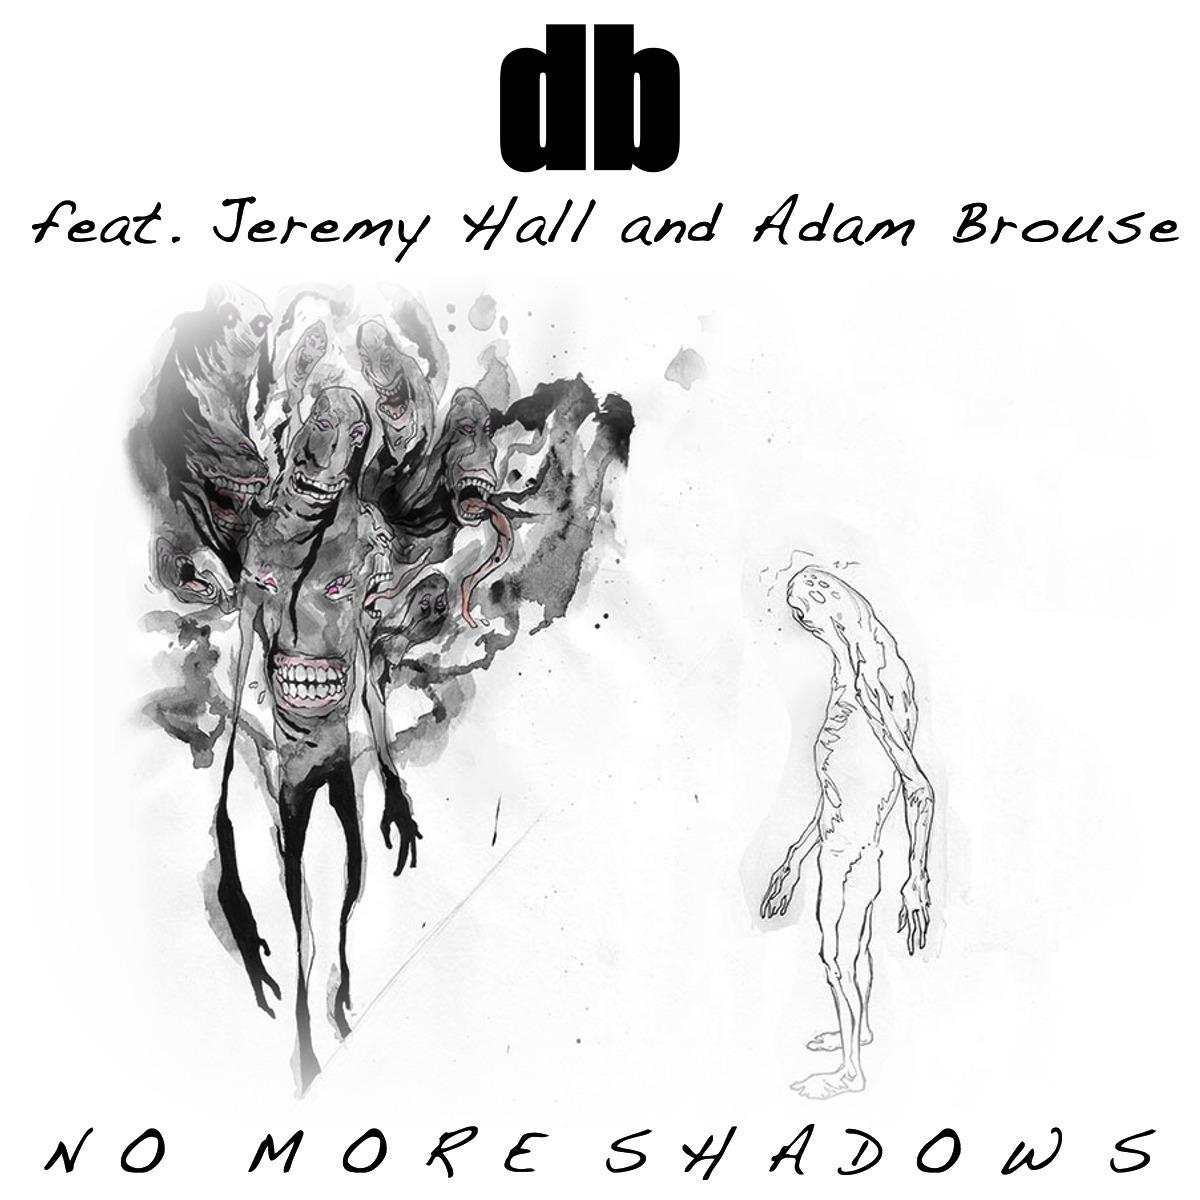 No More Shadows (Album Artwork).JPG